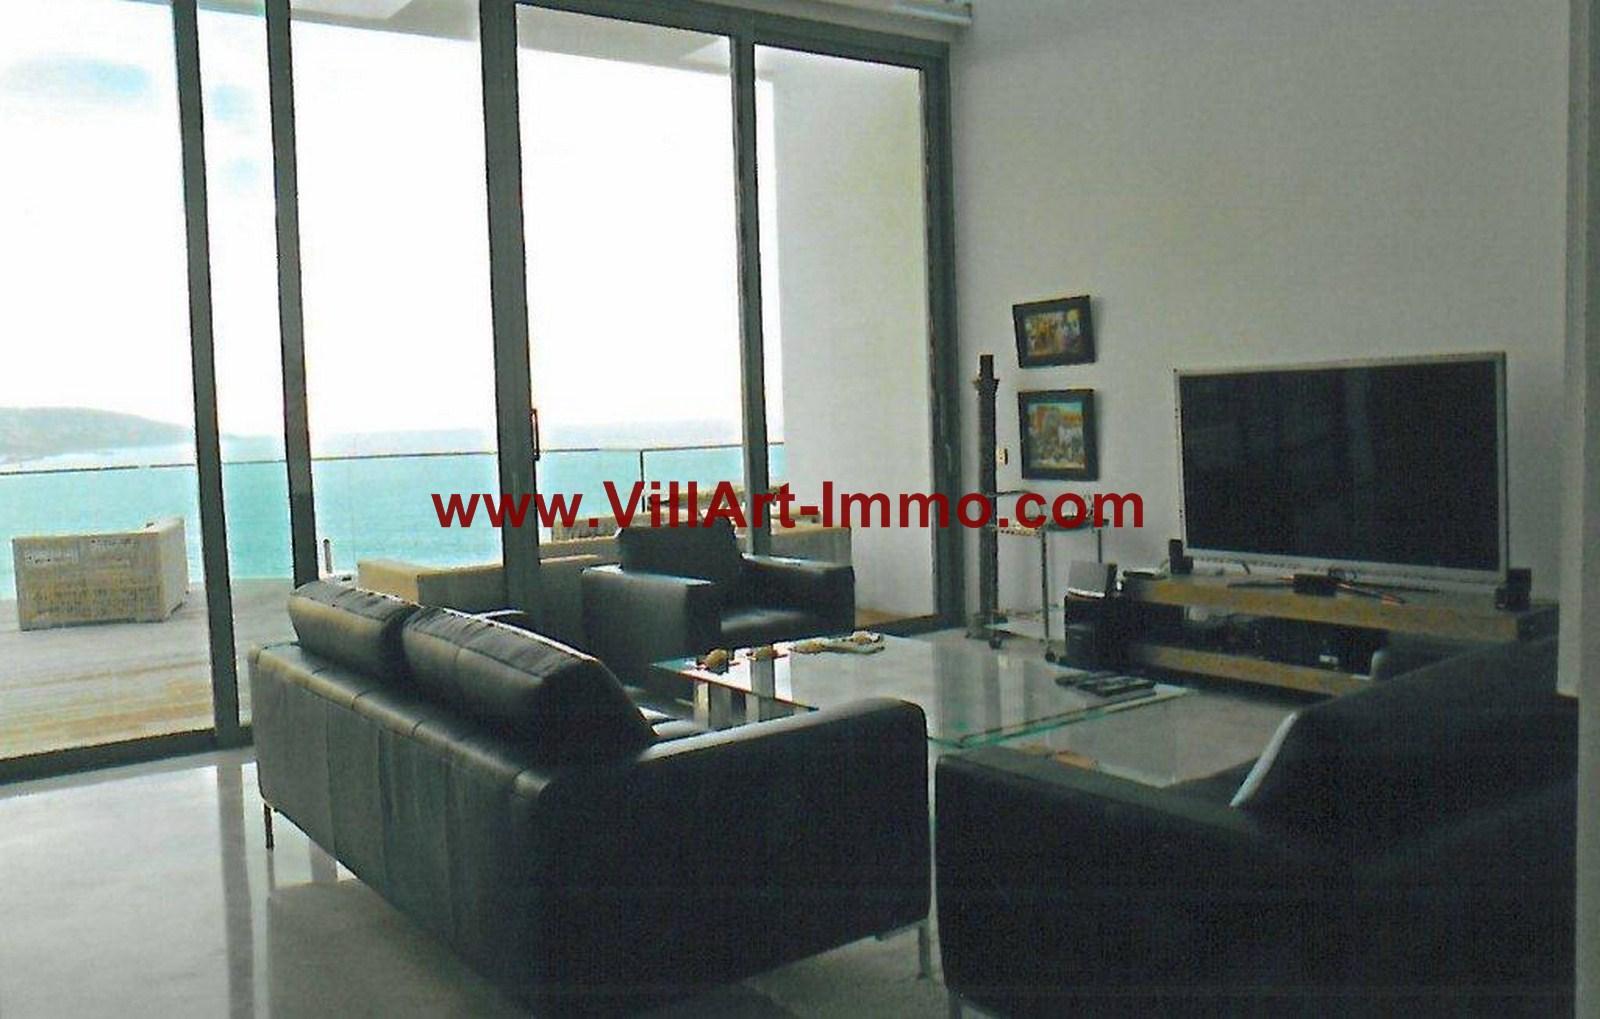 Appartement avec piscine priv e et vue sur la baie de tanger villart - Appartement meuble a louer a tanger ...